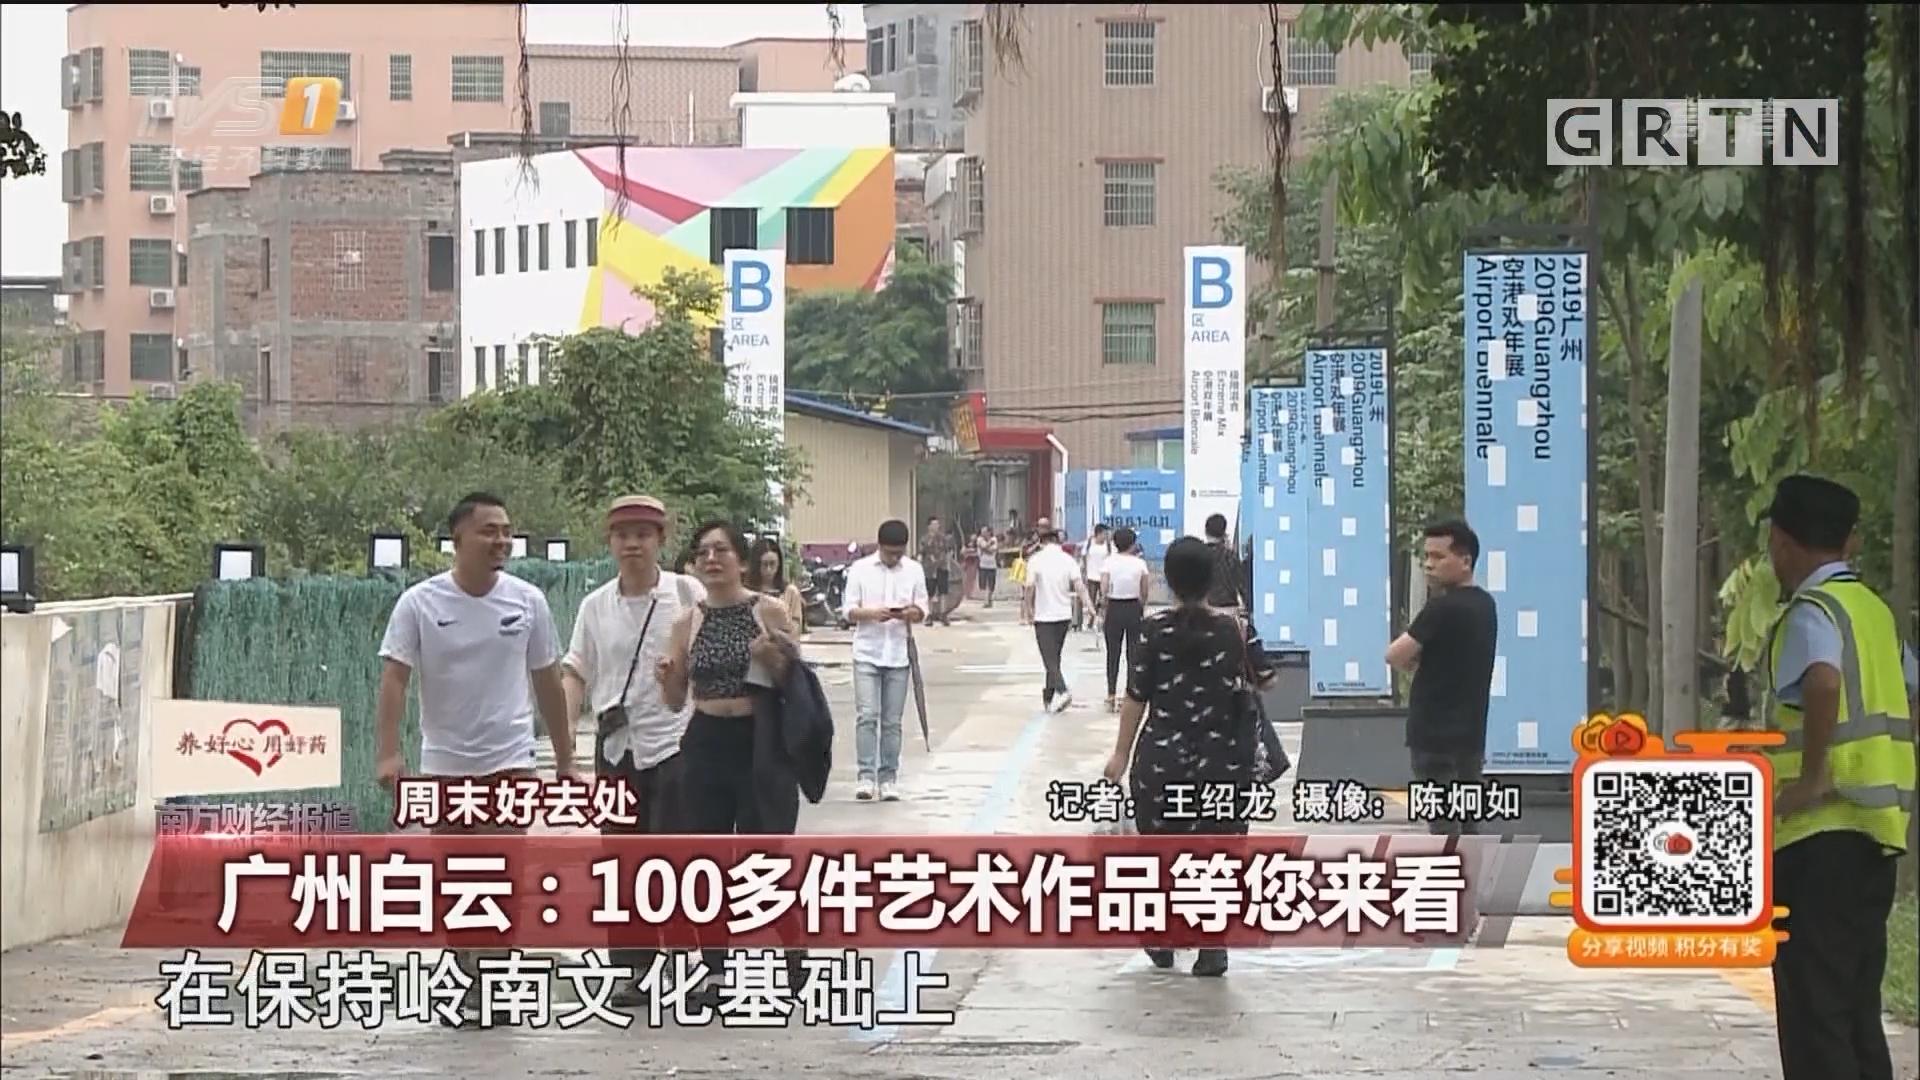 周末好去处 广州白云:100多件艺术作品等您来看